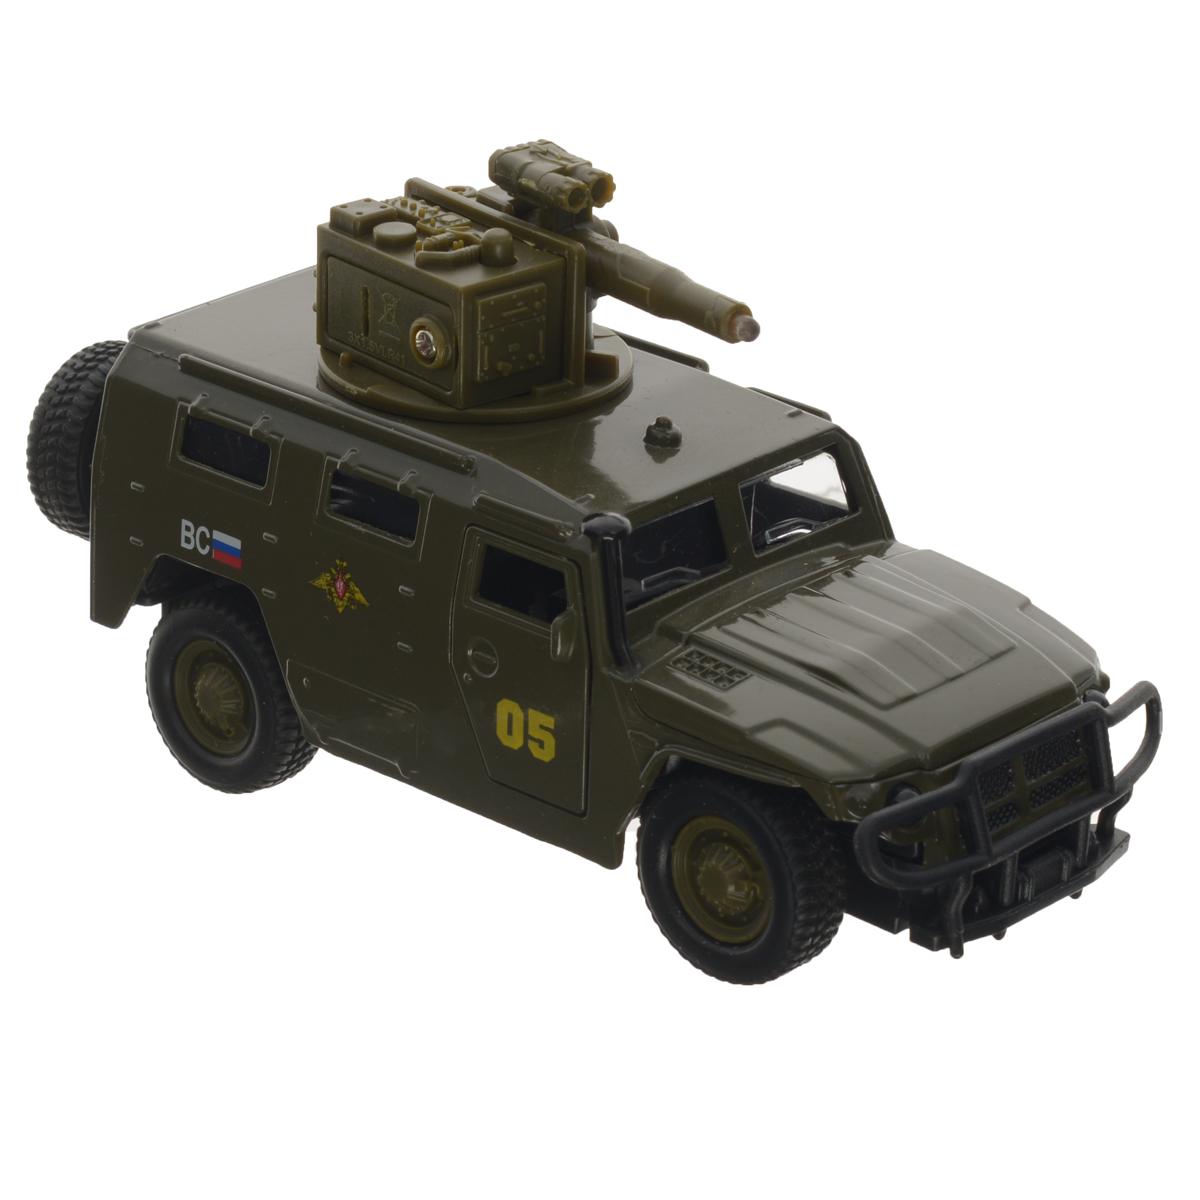 ТехноПарк Машинка инерционная ГАЗ Тигр цвет темно-зеленыйCT12-357-G1Машинка ТехноПарк ГАЗ Тигр, выполненная из металла и пластика, станет любимой игрушкой вашего малыша. Игрушка представляет собой военный внедорожник ГАЗ Тигр, оснащенный открывающимися дверьми и капотом, а также вращающейся башней с пушкой. При нажатии кнопки на пушке кончик дула начинает светиться, при этом слышны звуки стрельбы и команды Огонь! В атаку!. Игрушка оснащена инерционным ходом. Внедорожник необходимо отвести назад, слегка надавив на крышу, затем отпустить - и машинка быстро поедет вперед. Прорезиненные колеса обеспечивают надежное сцепление с любой поверхностью пола. Ваш ребенок будет часами играть с этой машинкой, придумывая различные истории. Порадуйте его таким замечательным подарком! Машинка работает от батареек (товар комплектуется демонстрационными).